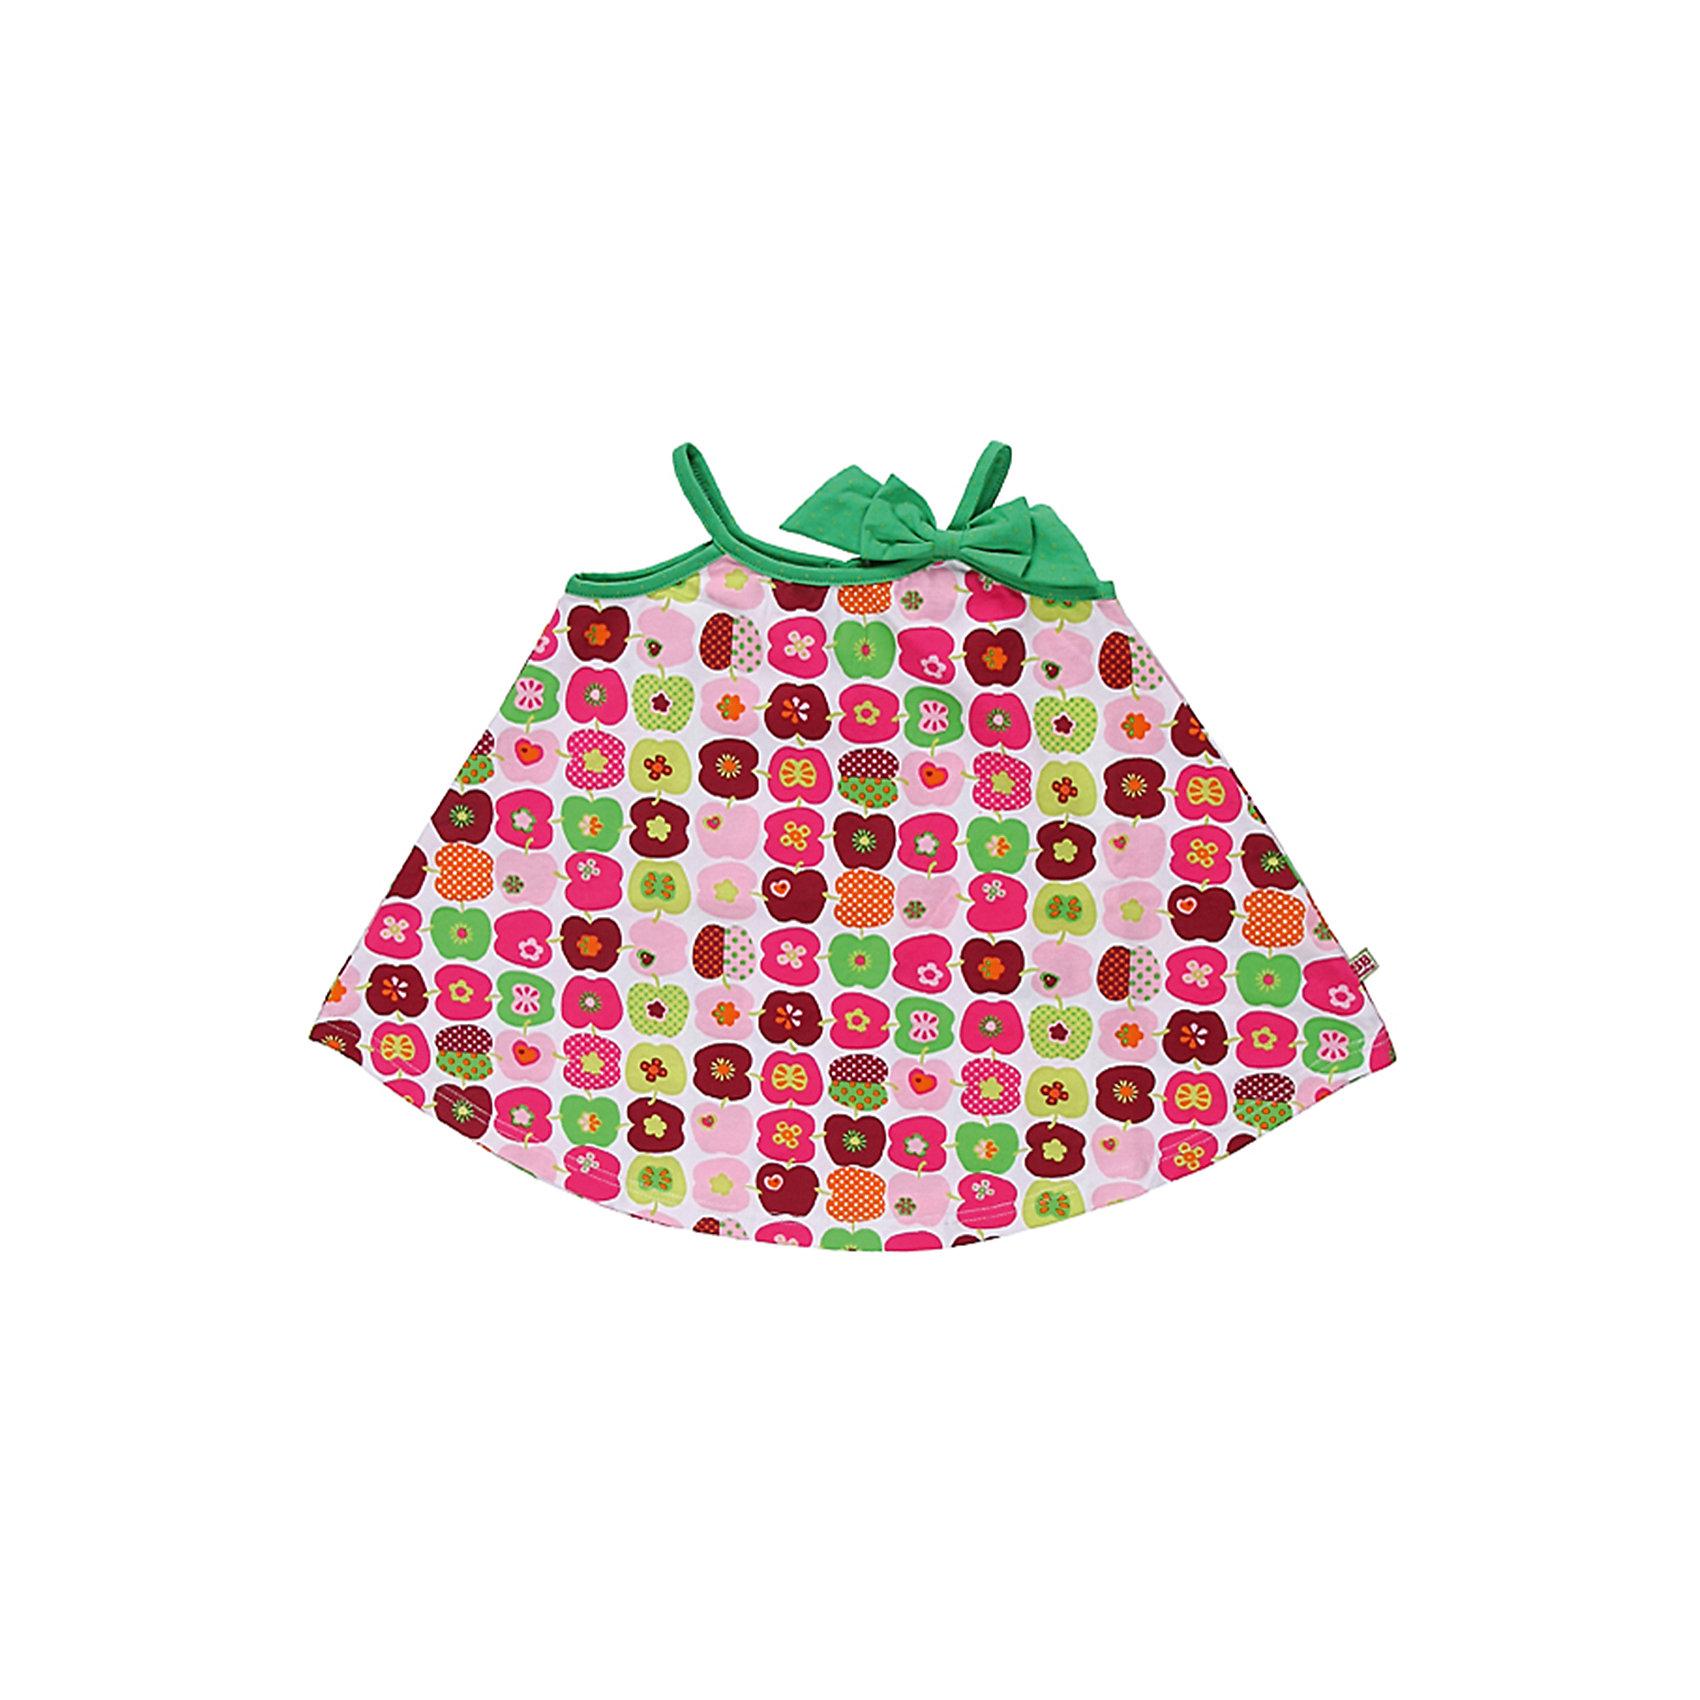 Платье для девочки Sweet BerryПлатья<br>Сарафан из  принтованного эластичного трикотажа.Конструкция сарафана надежно удерживает лямки на плечах ребенка.<br>Состав:<br>95% хлопок, 5% эластан<br><br>Ширина мм: 236<br>Глубина мм: 16<br>Высота мм: 184<br>Вес г: 177<br>Цвет: разноцветный<br>Возраст от месяцев: 24<br>Возраст до месяцев: 36<br>Пол: Женский<br>Возраст: Детский<br>Размер: 98,80,92,86<br>SKU: 4520573